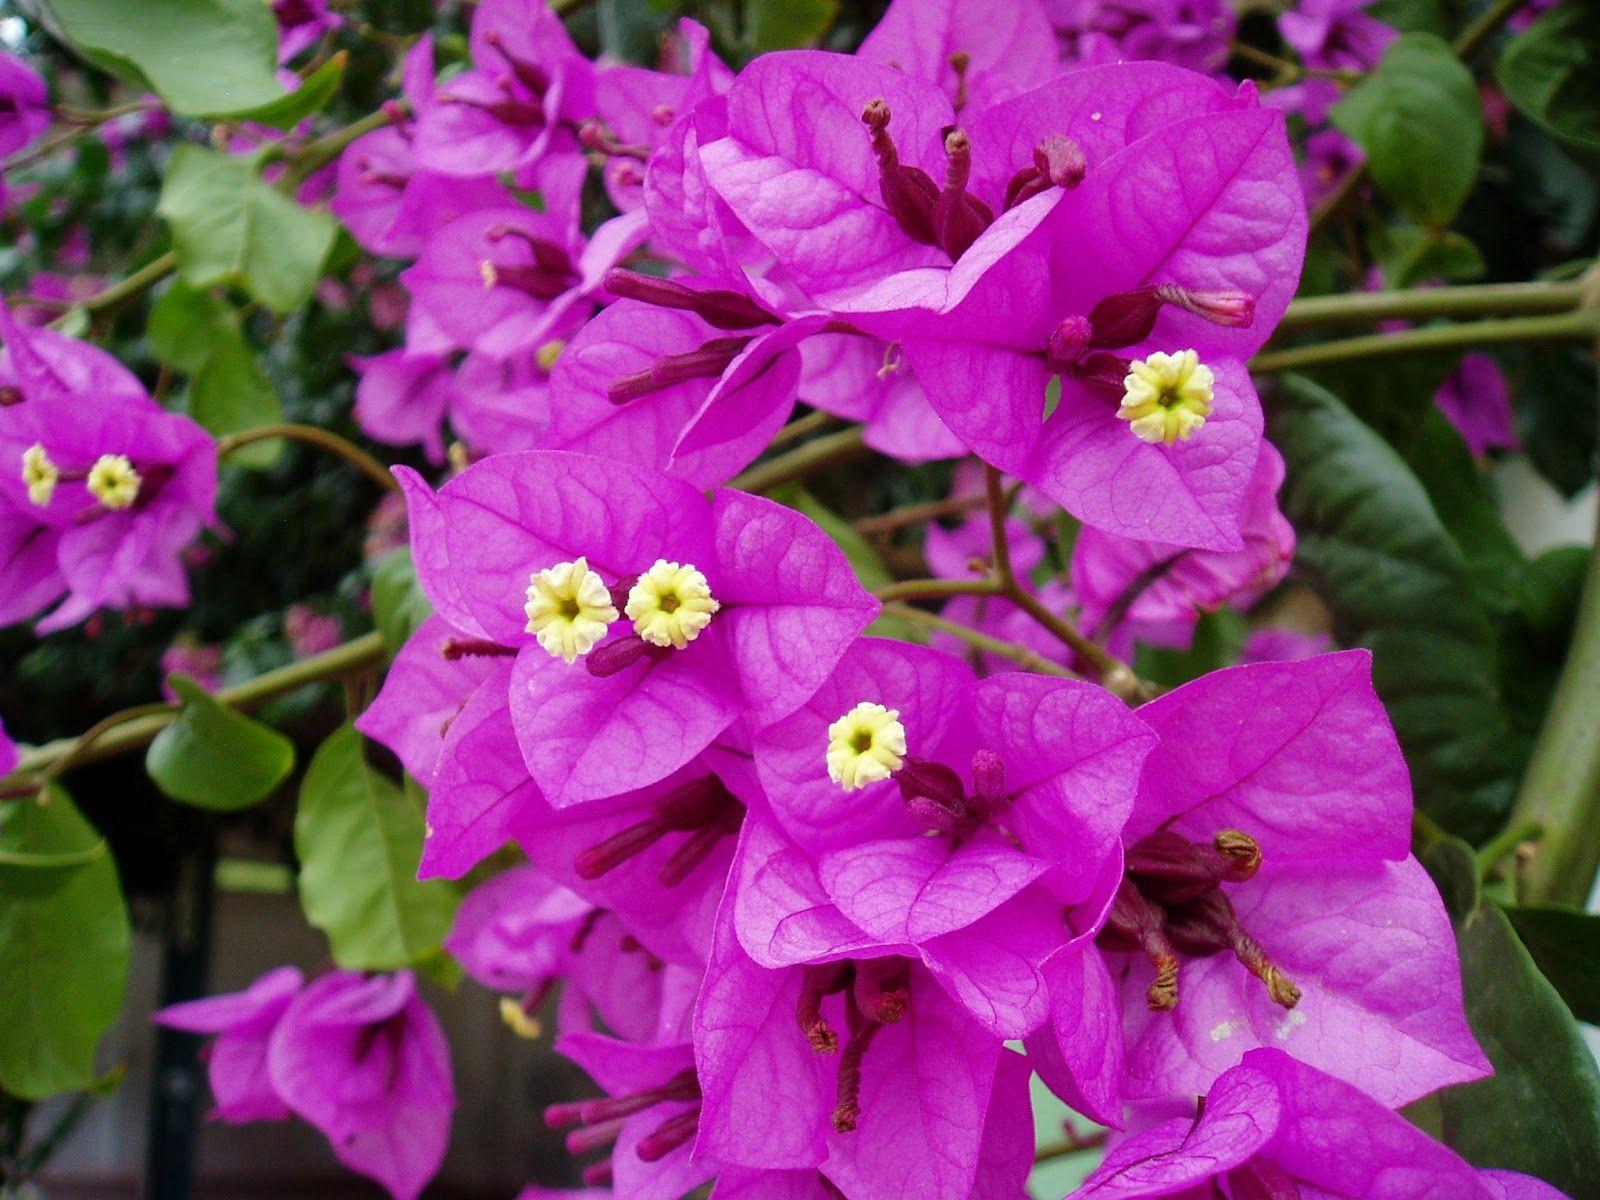 Bougainvillea glabra flor de papel buganvillea menor for Todas las plantas son ornamentales